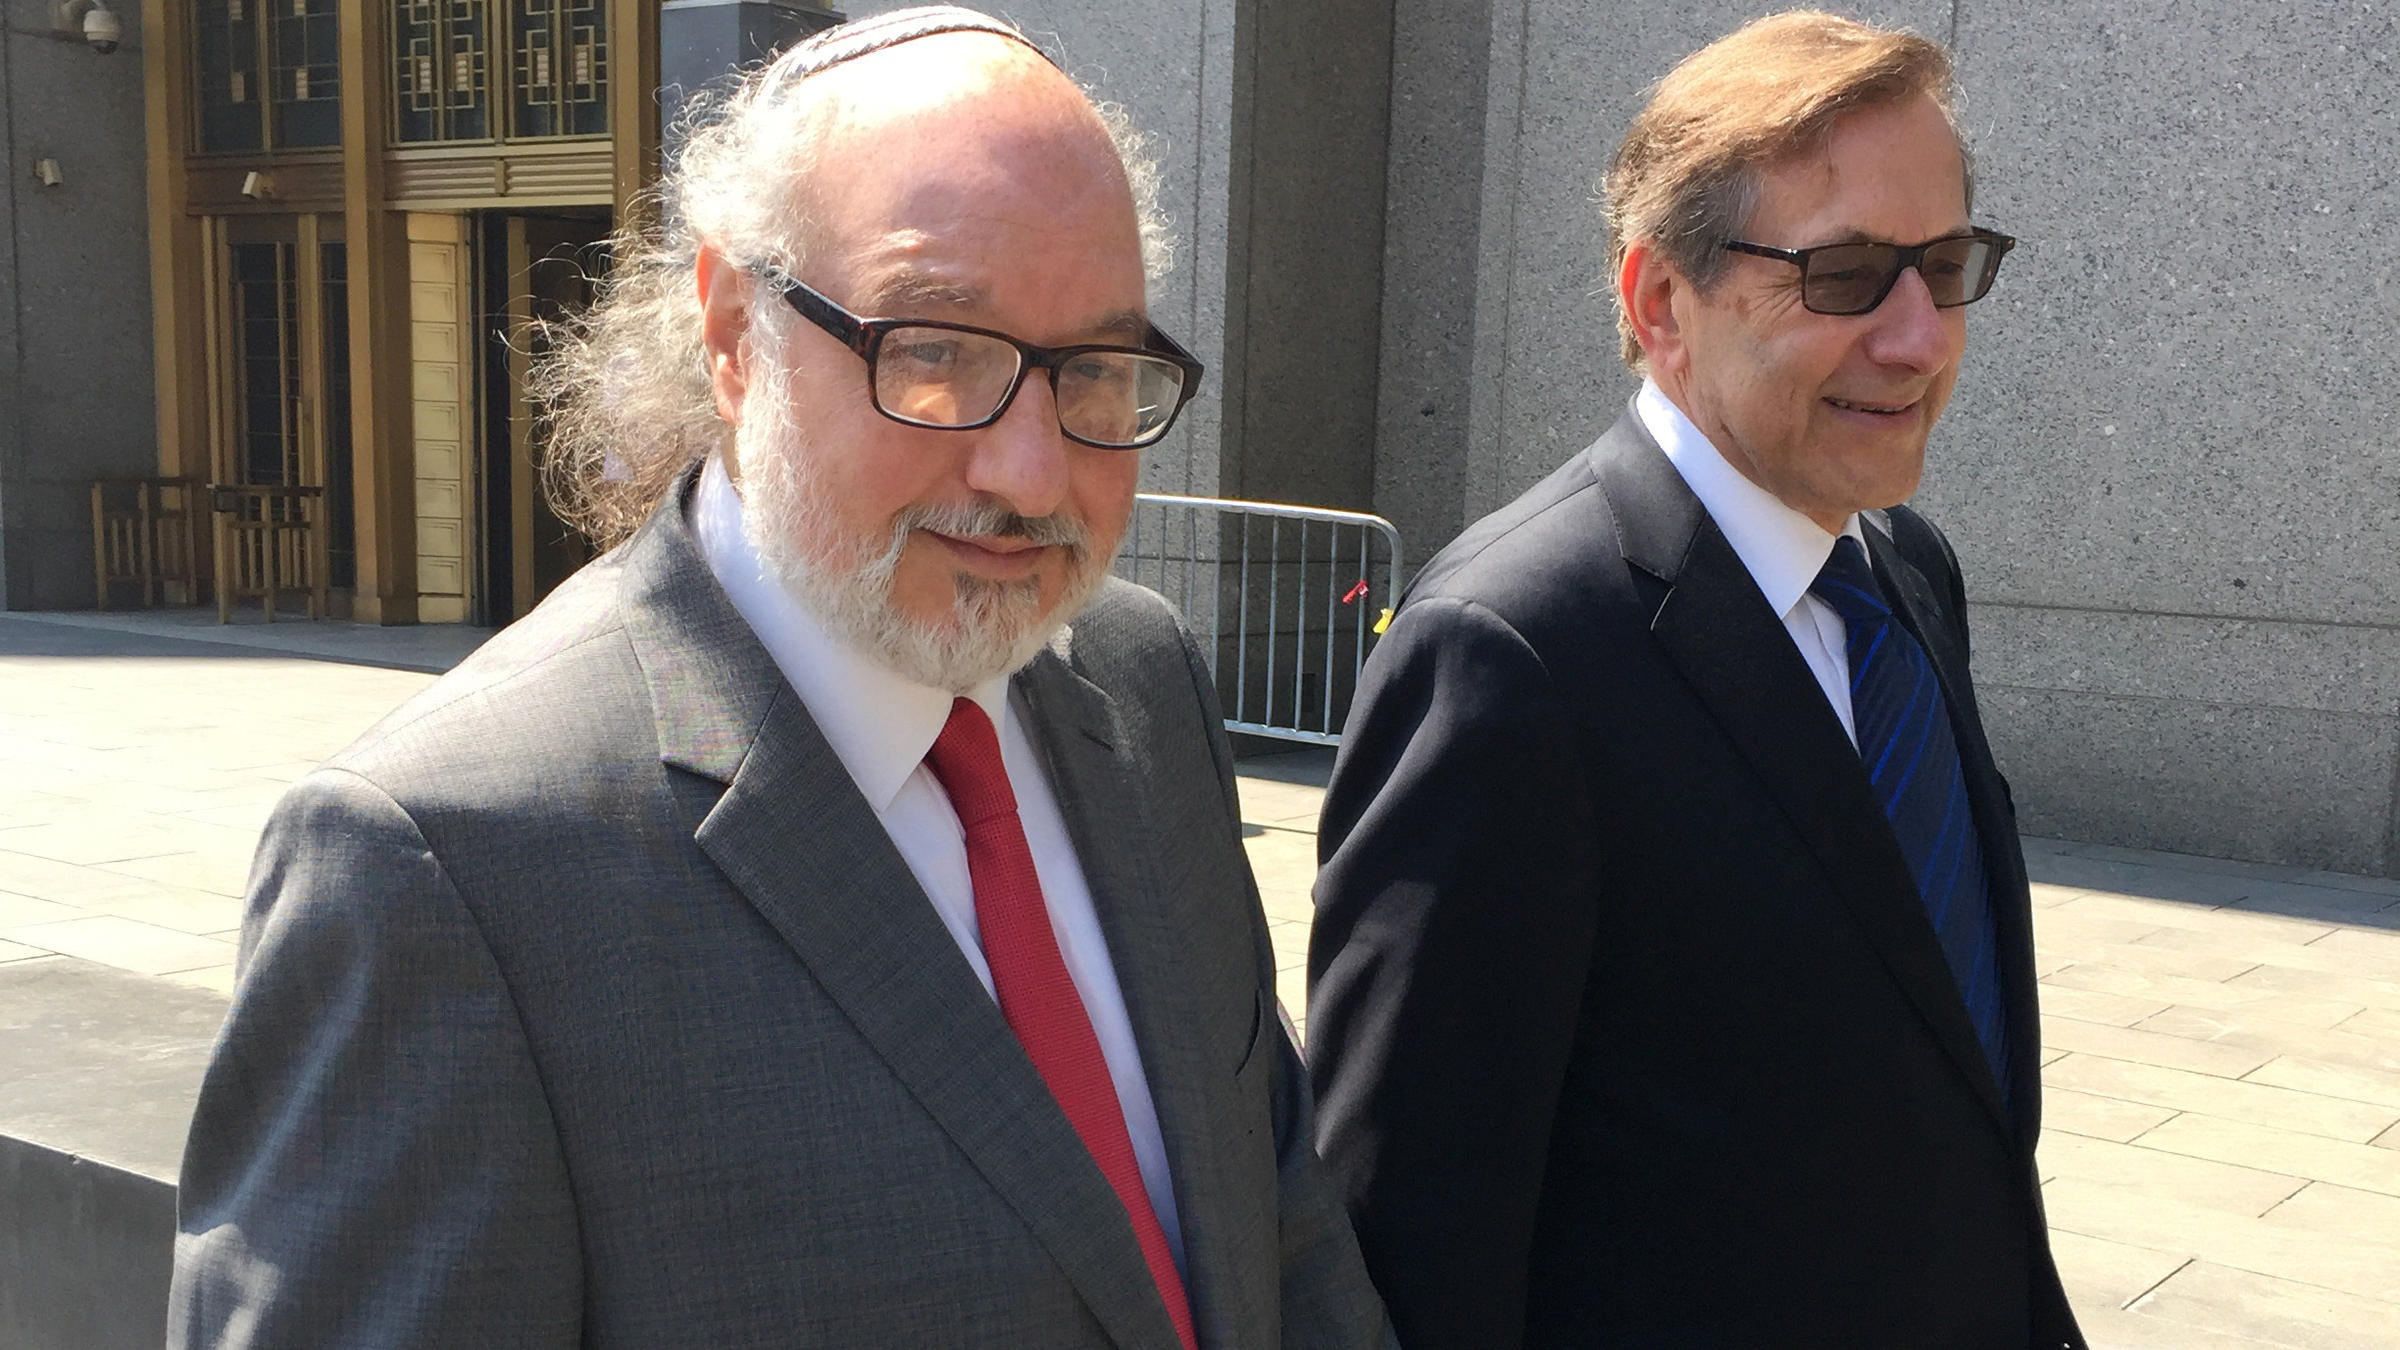 Former US spy Pollard welcomed by Netanyahu as he arrives in Israel